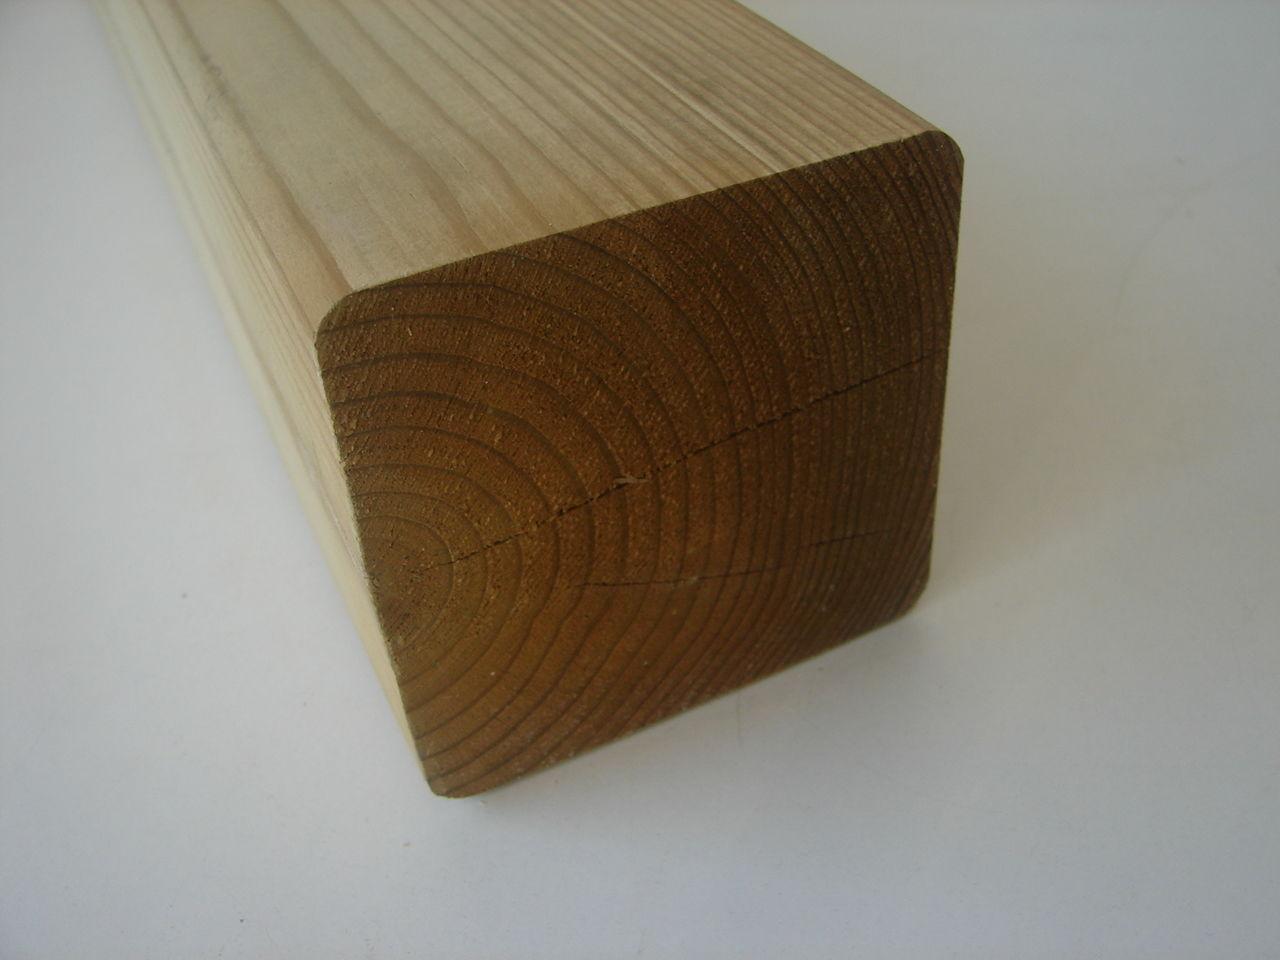 4x Zaunpfosten osmo KDI 960x90x90mm Fichte Holz &Stahlhandel H